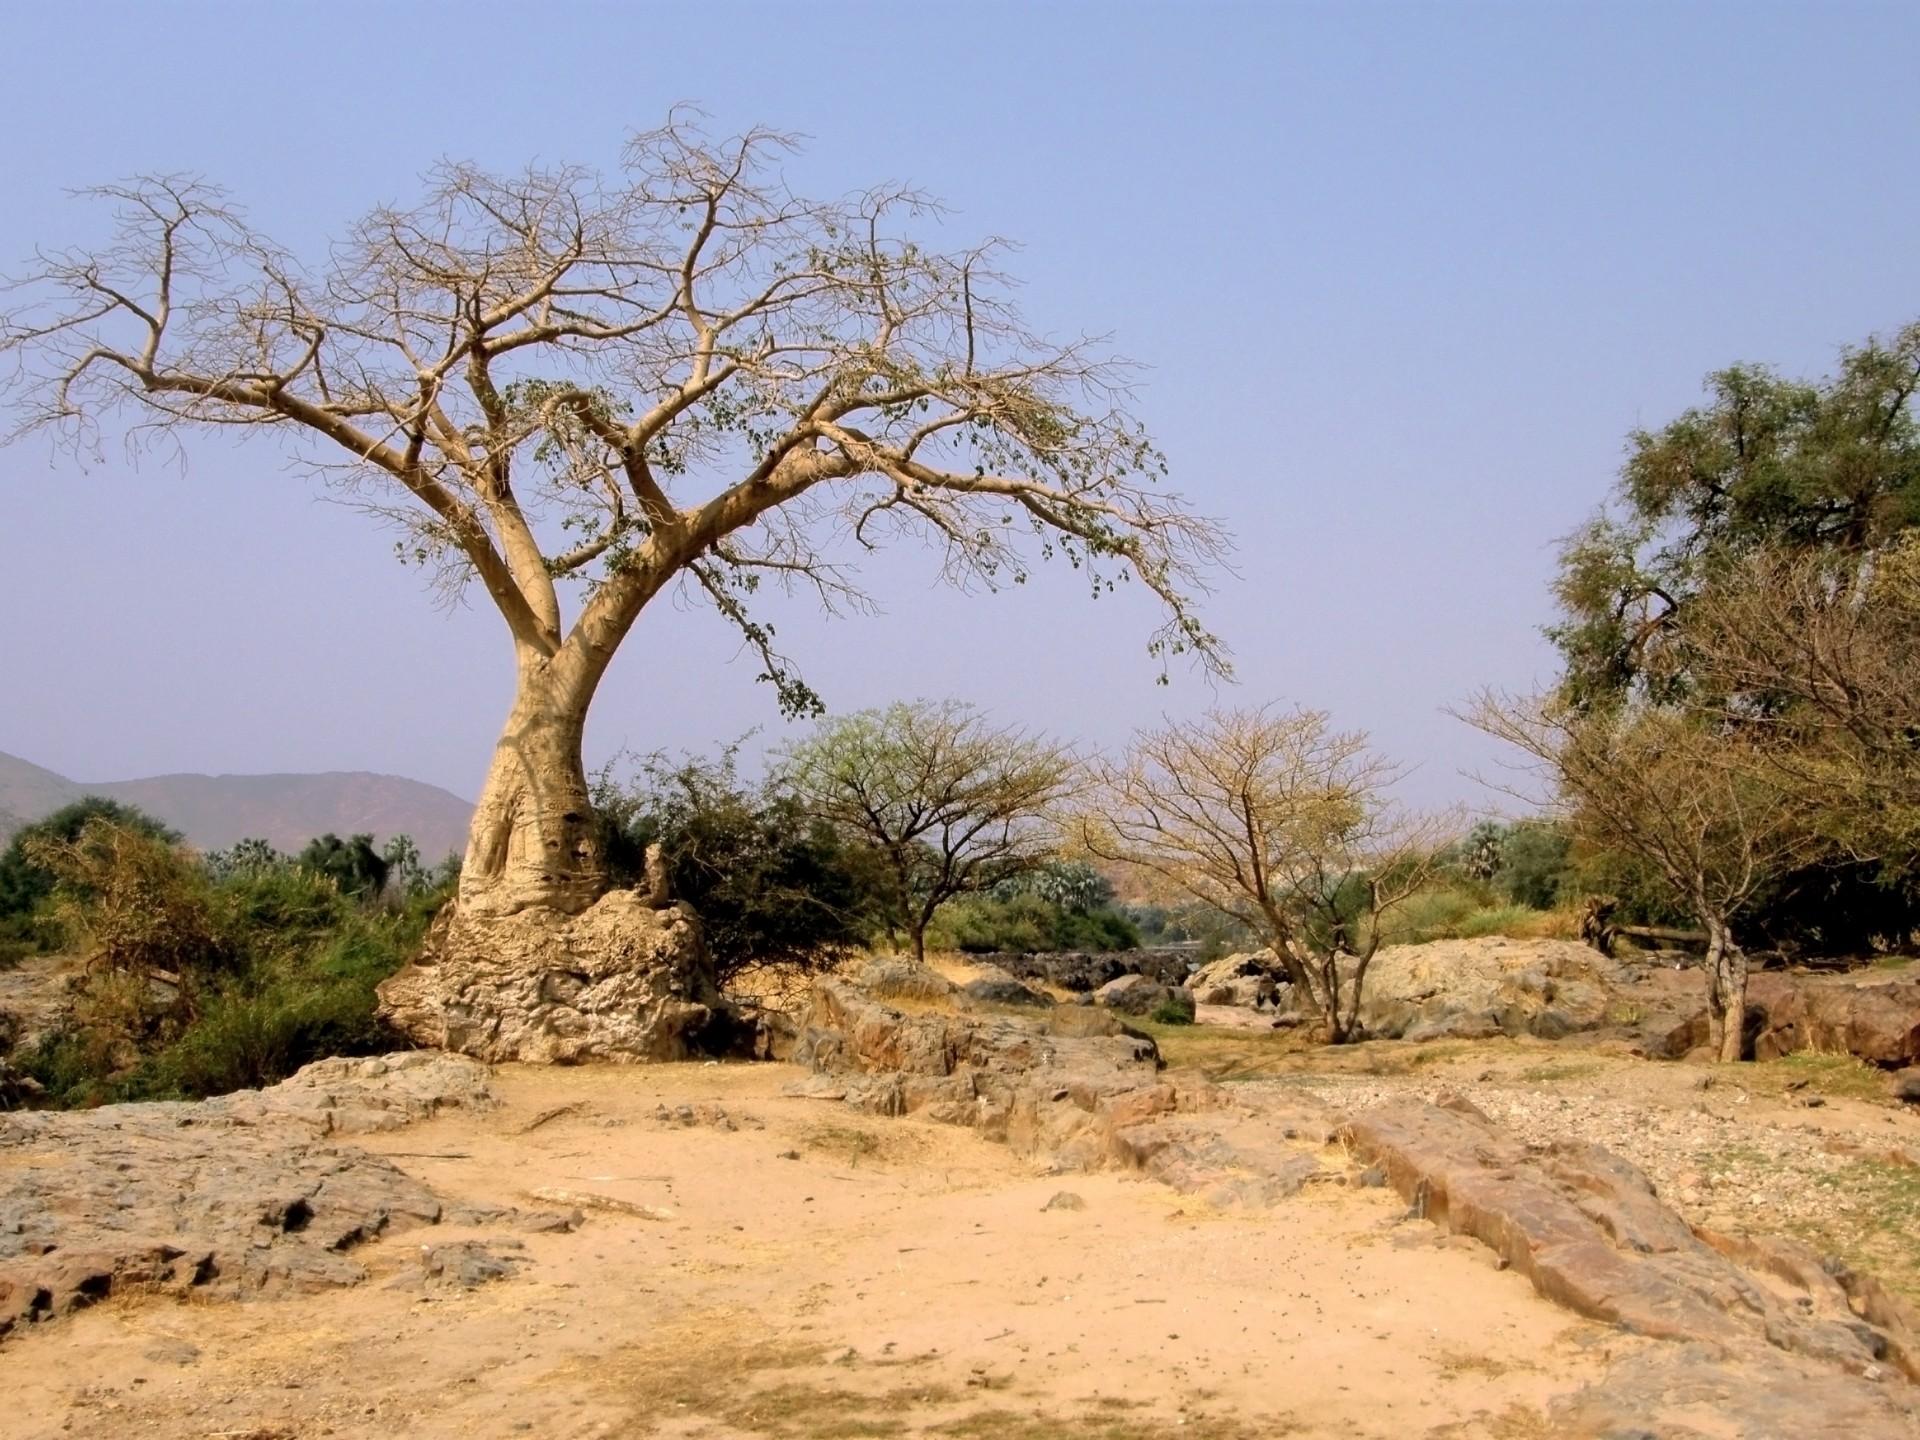 Los árboles de la sabana resisten bien la sequía